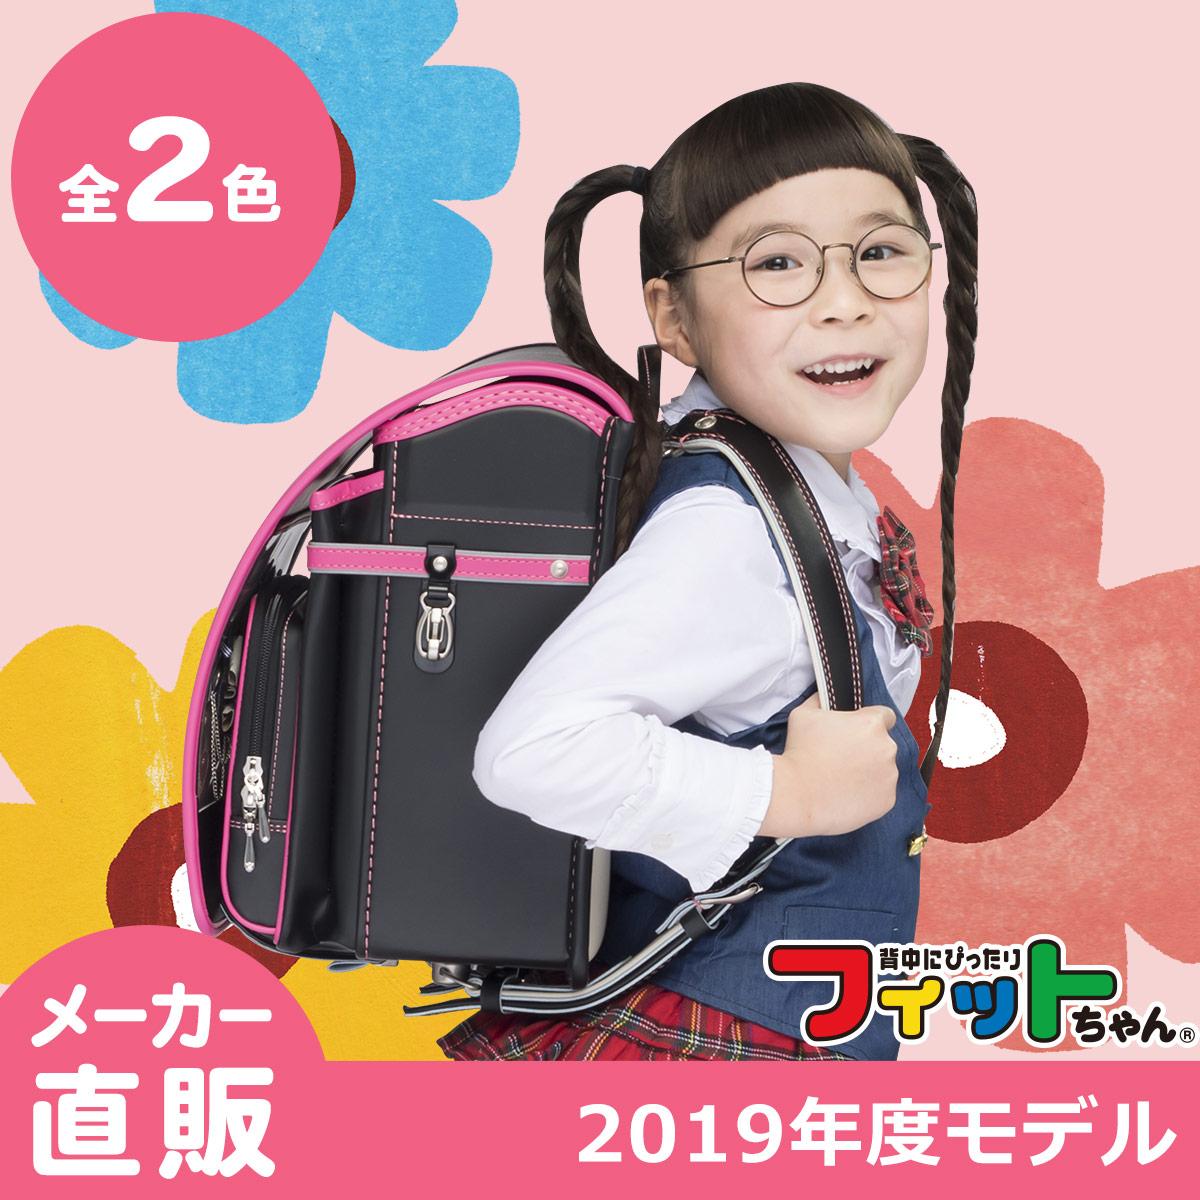 フィットちゃん 女の子 キュートガール(FIT-216Z)2019年モデル フィットちゃんランドセルA4フラットファイル収納サイズ